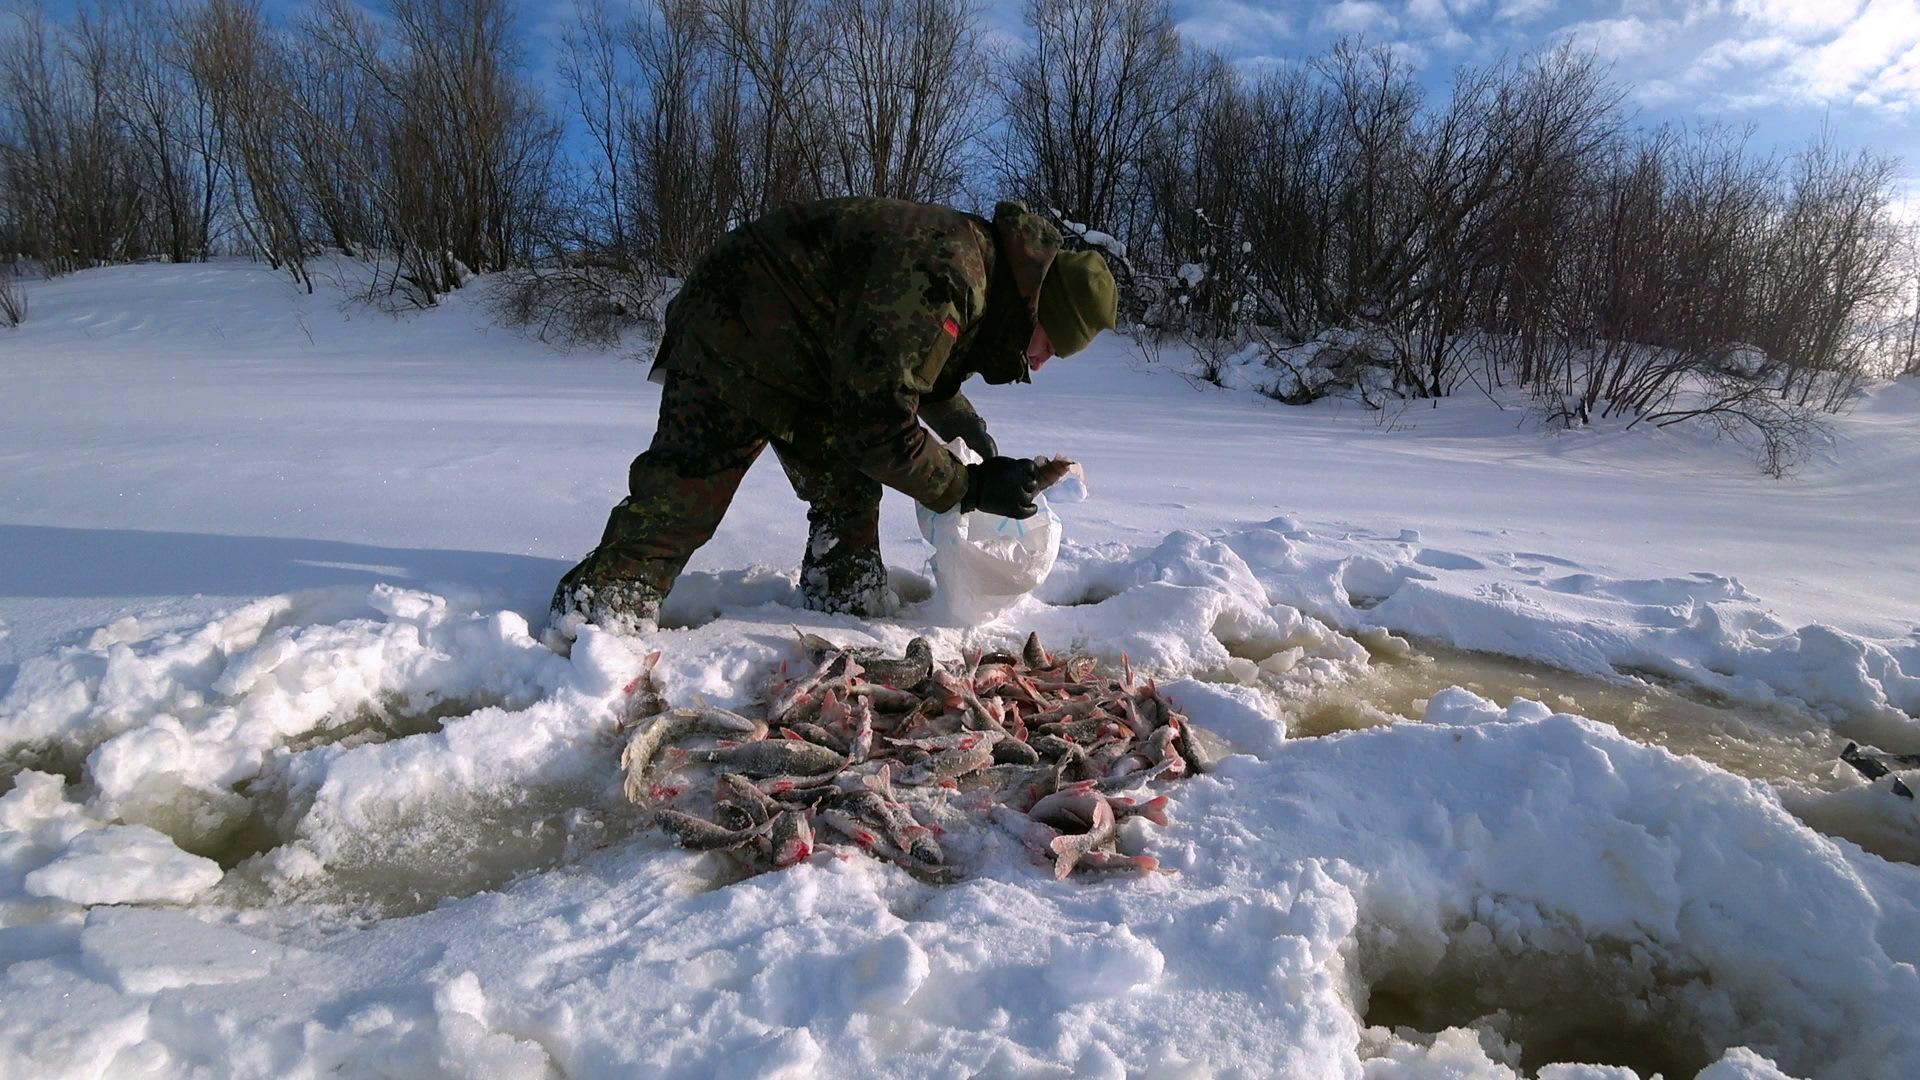 Как ловят рыбу зимой рыболовы-промысловики в глухой Сибири